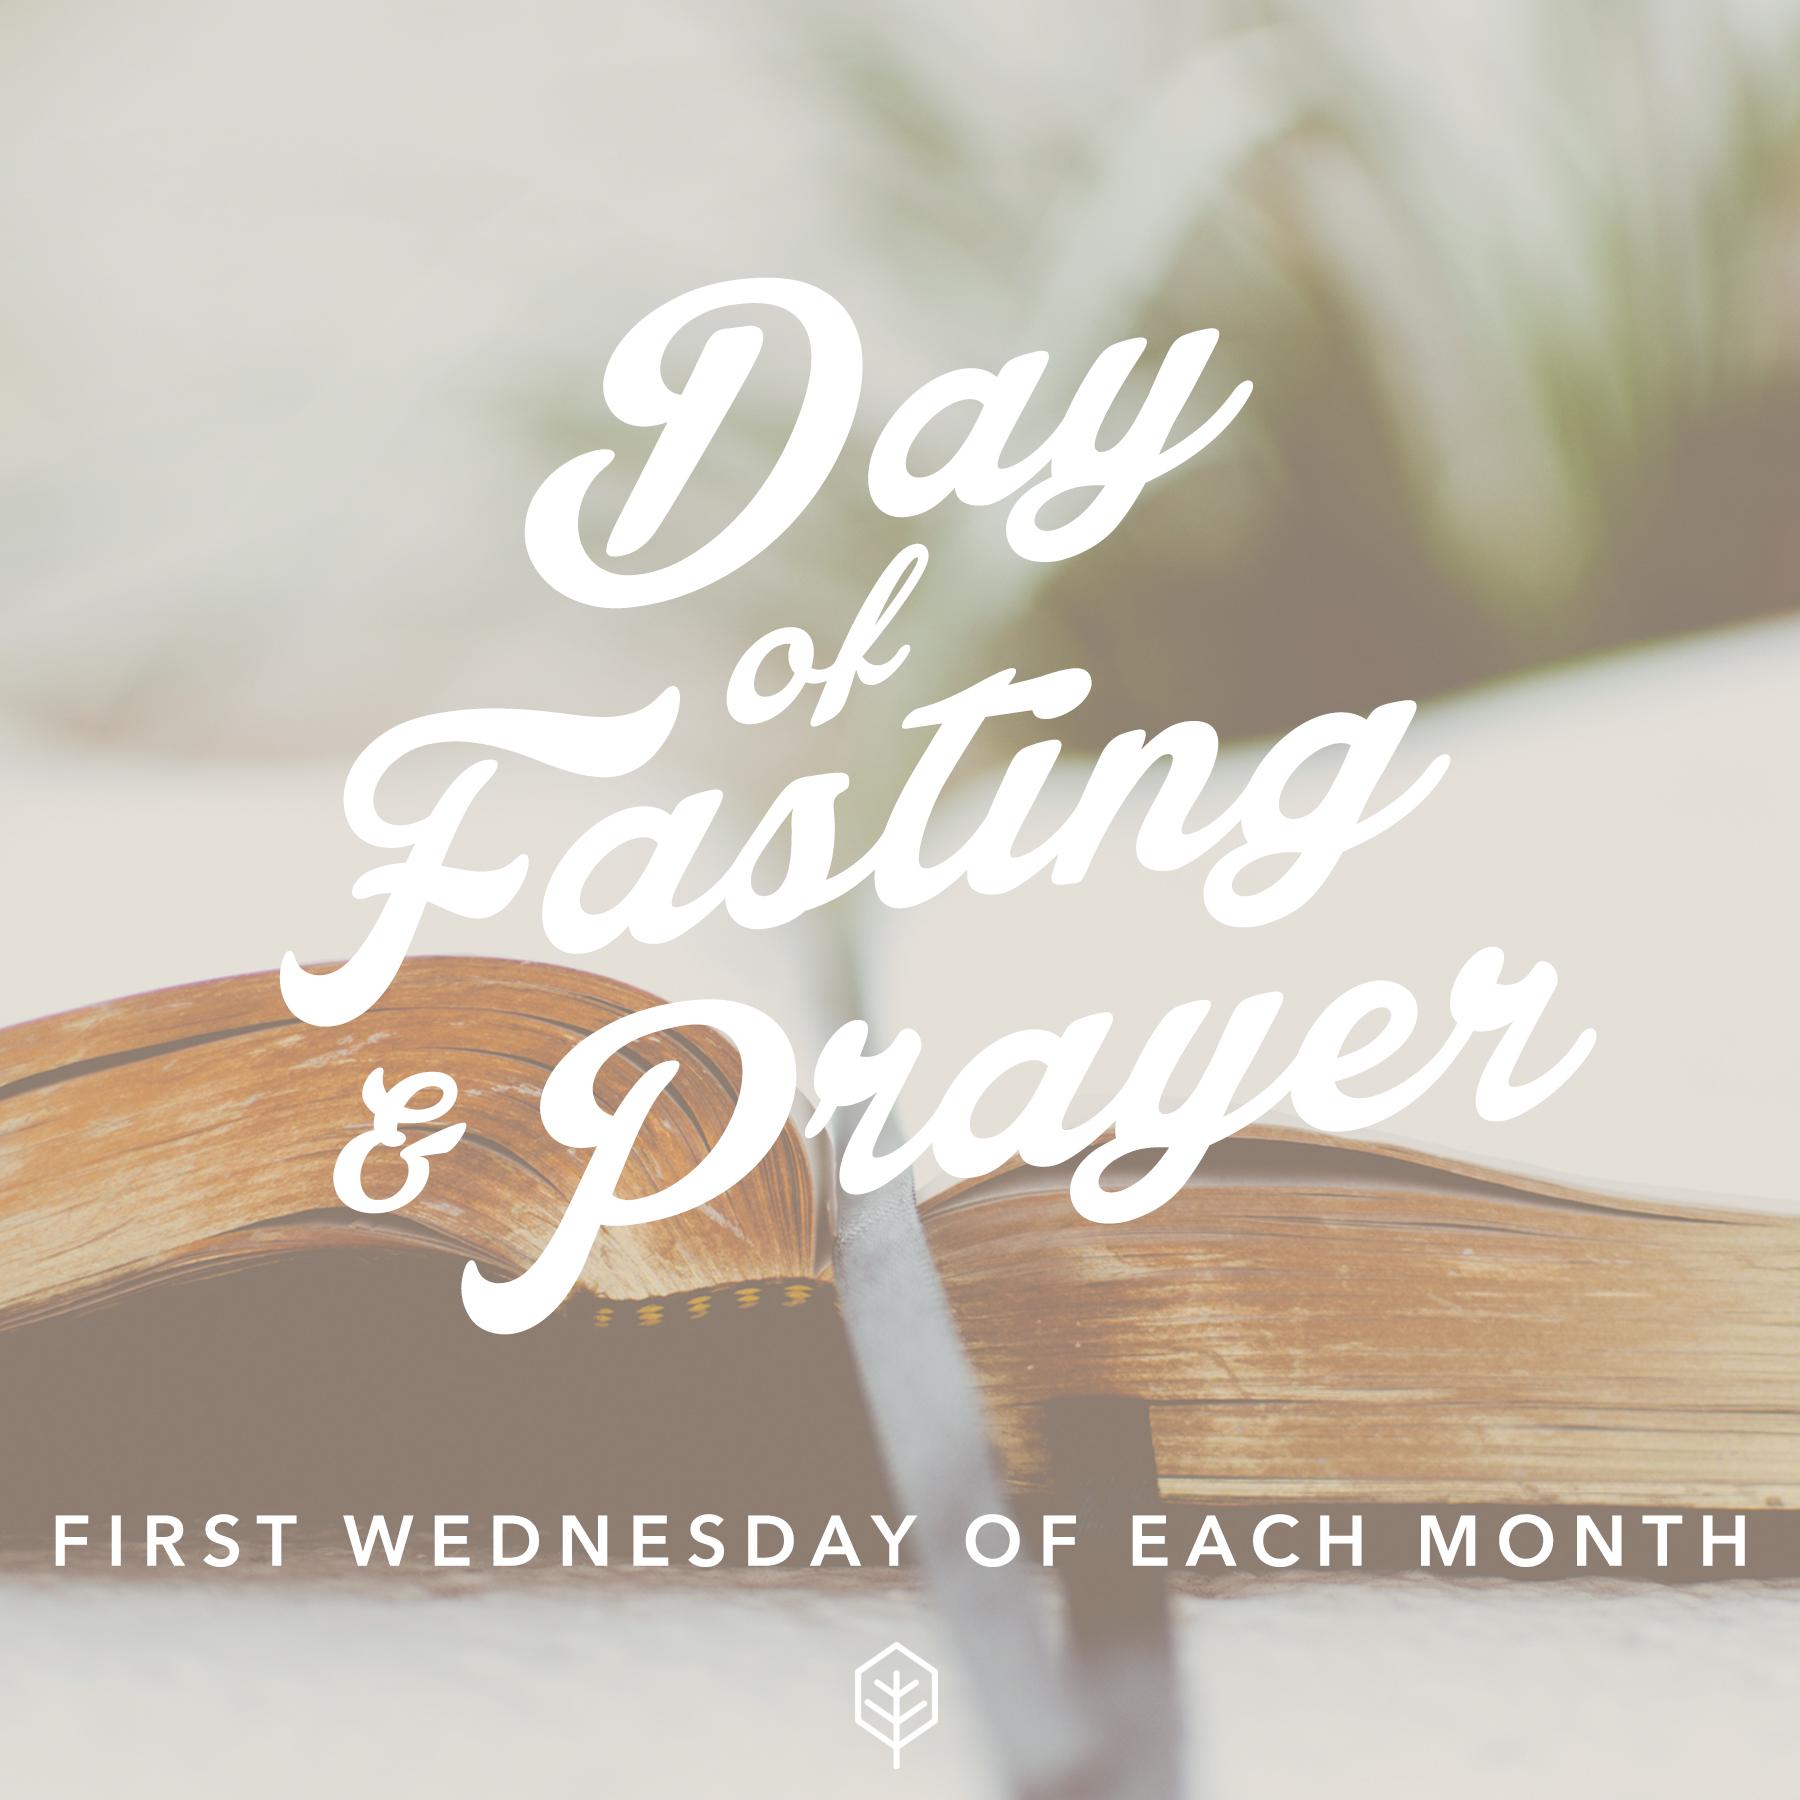 Day of Fasting + Prayer.jpg